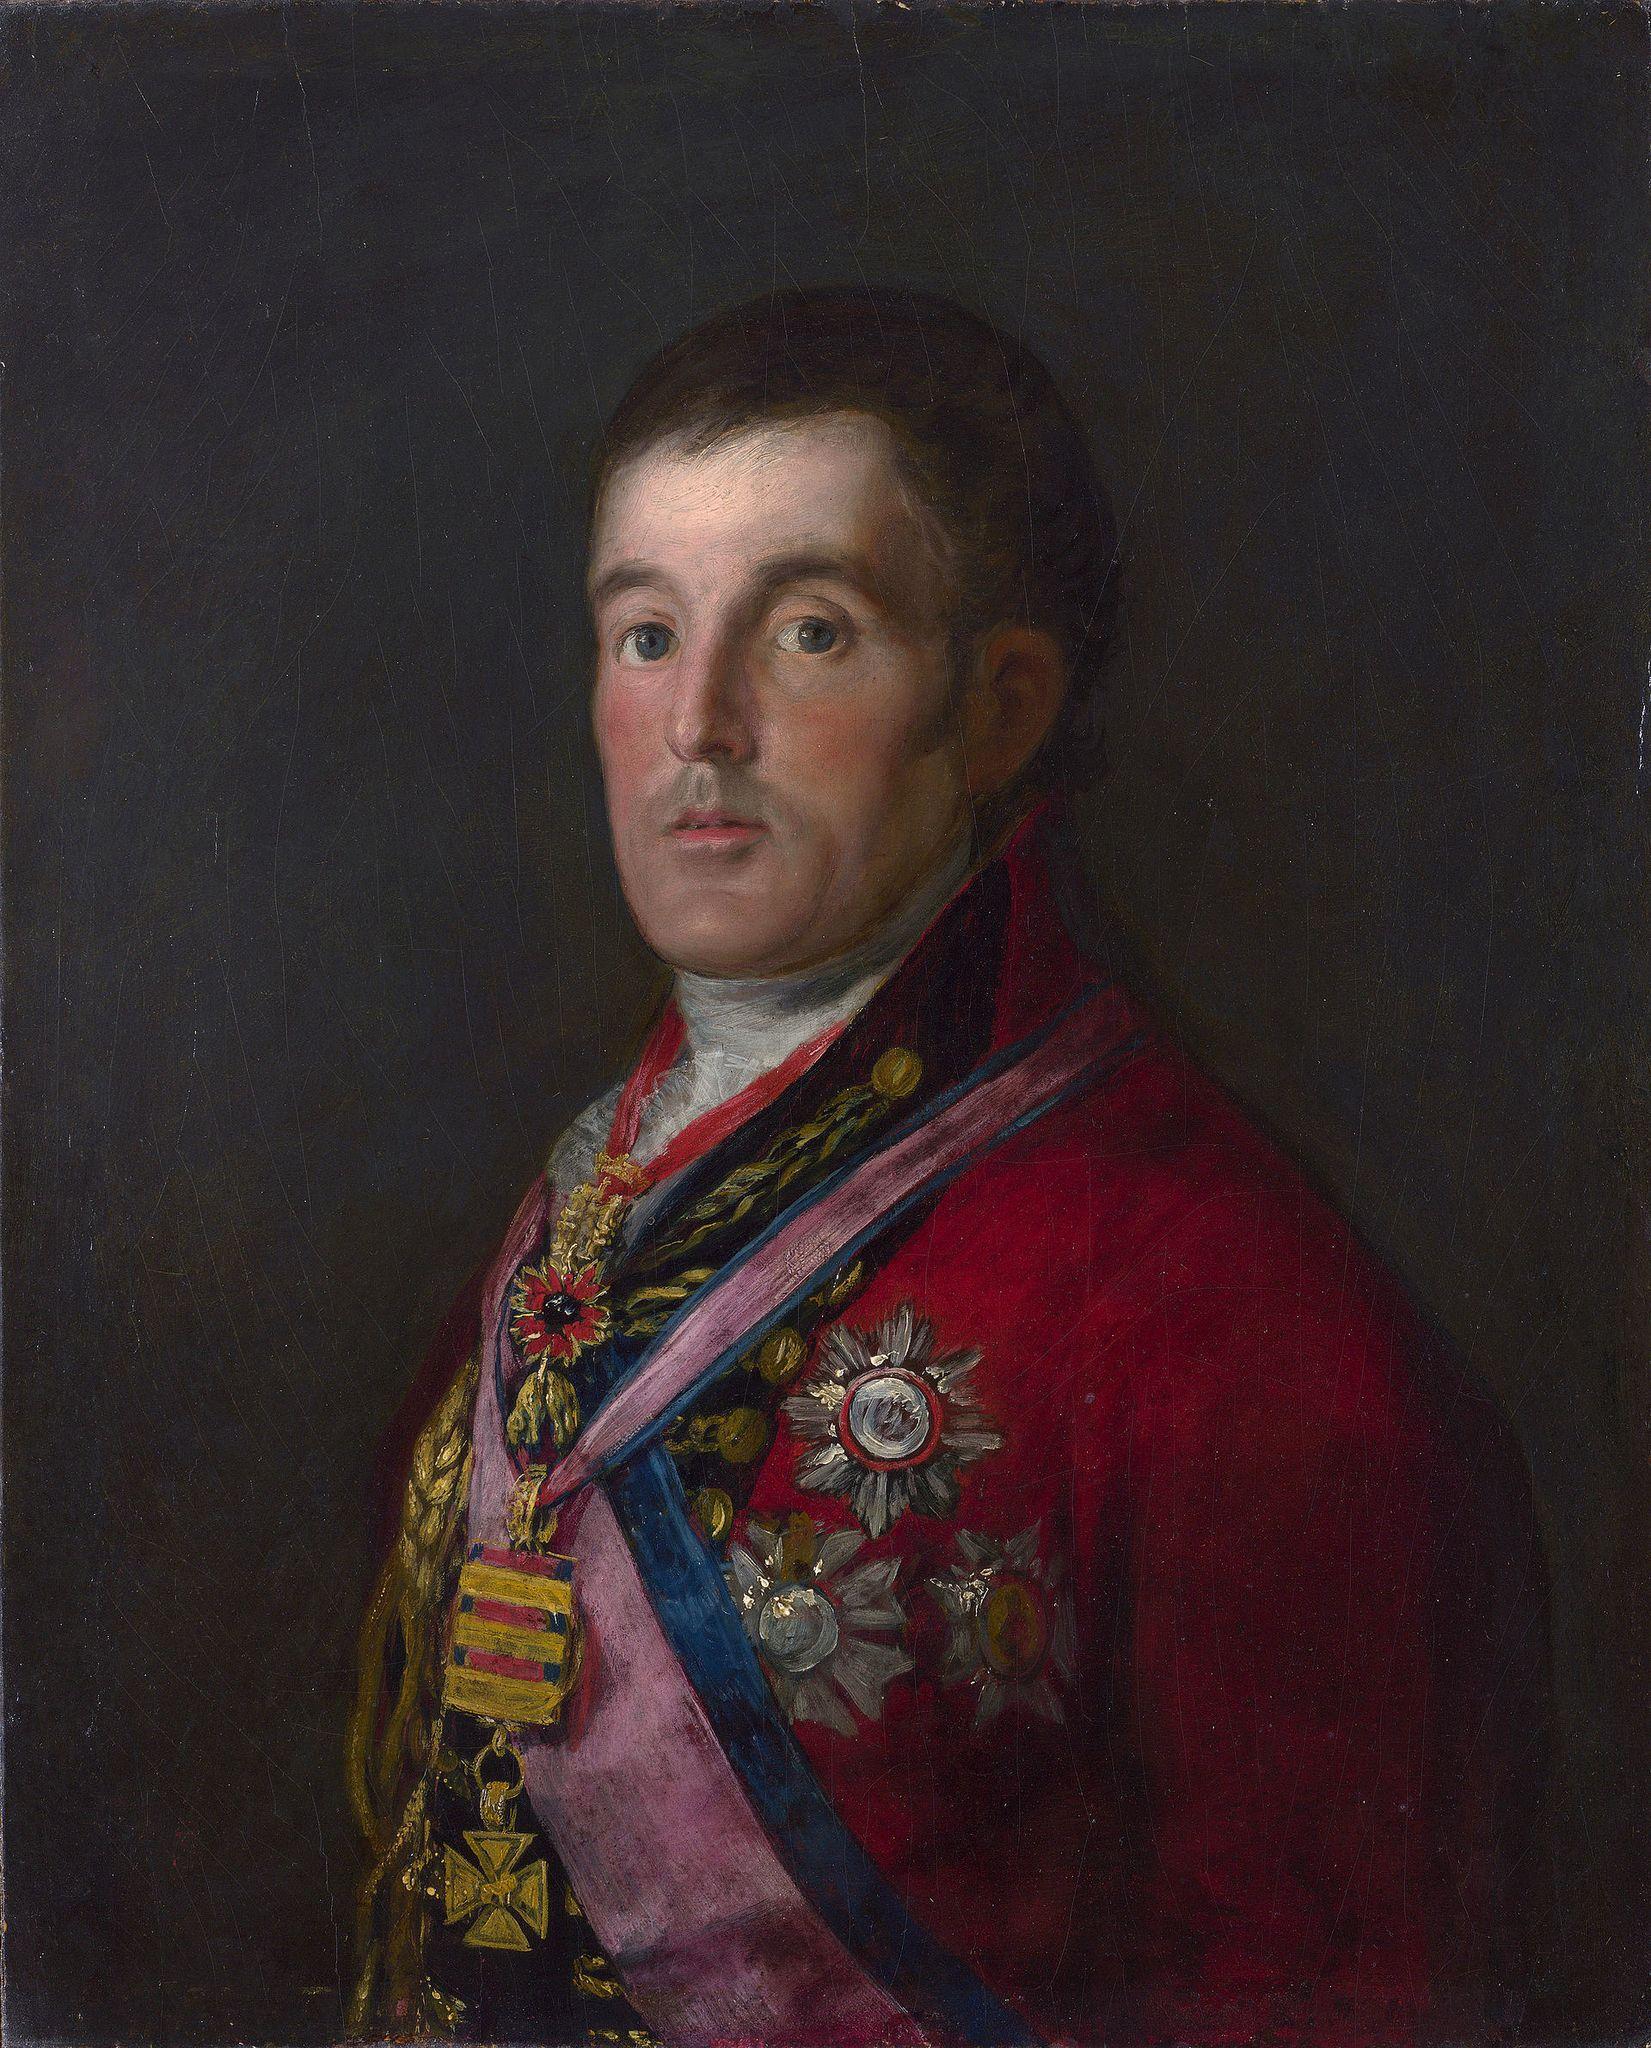 Imagen del Retrato del Duque de Wellington por Francisco de Goya